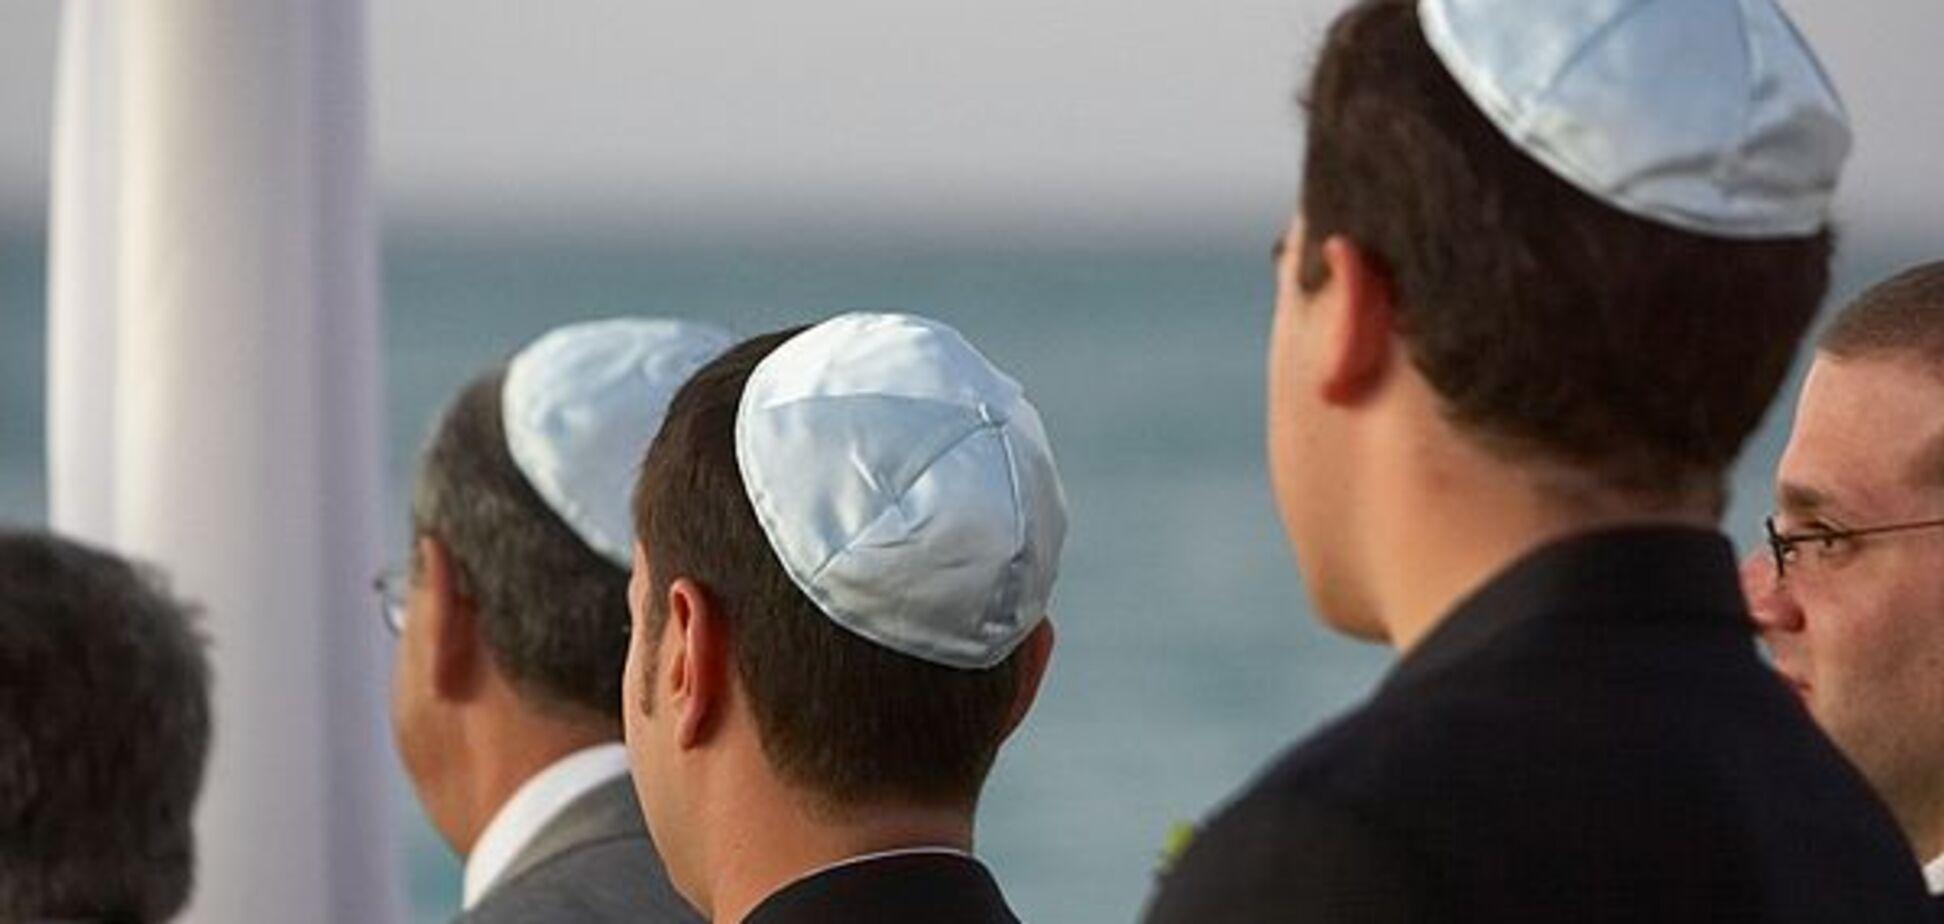 Опять во всем виноваты евреи?